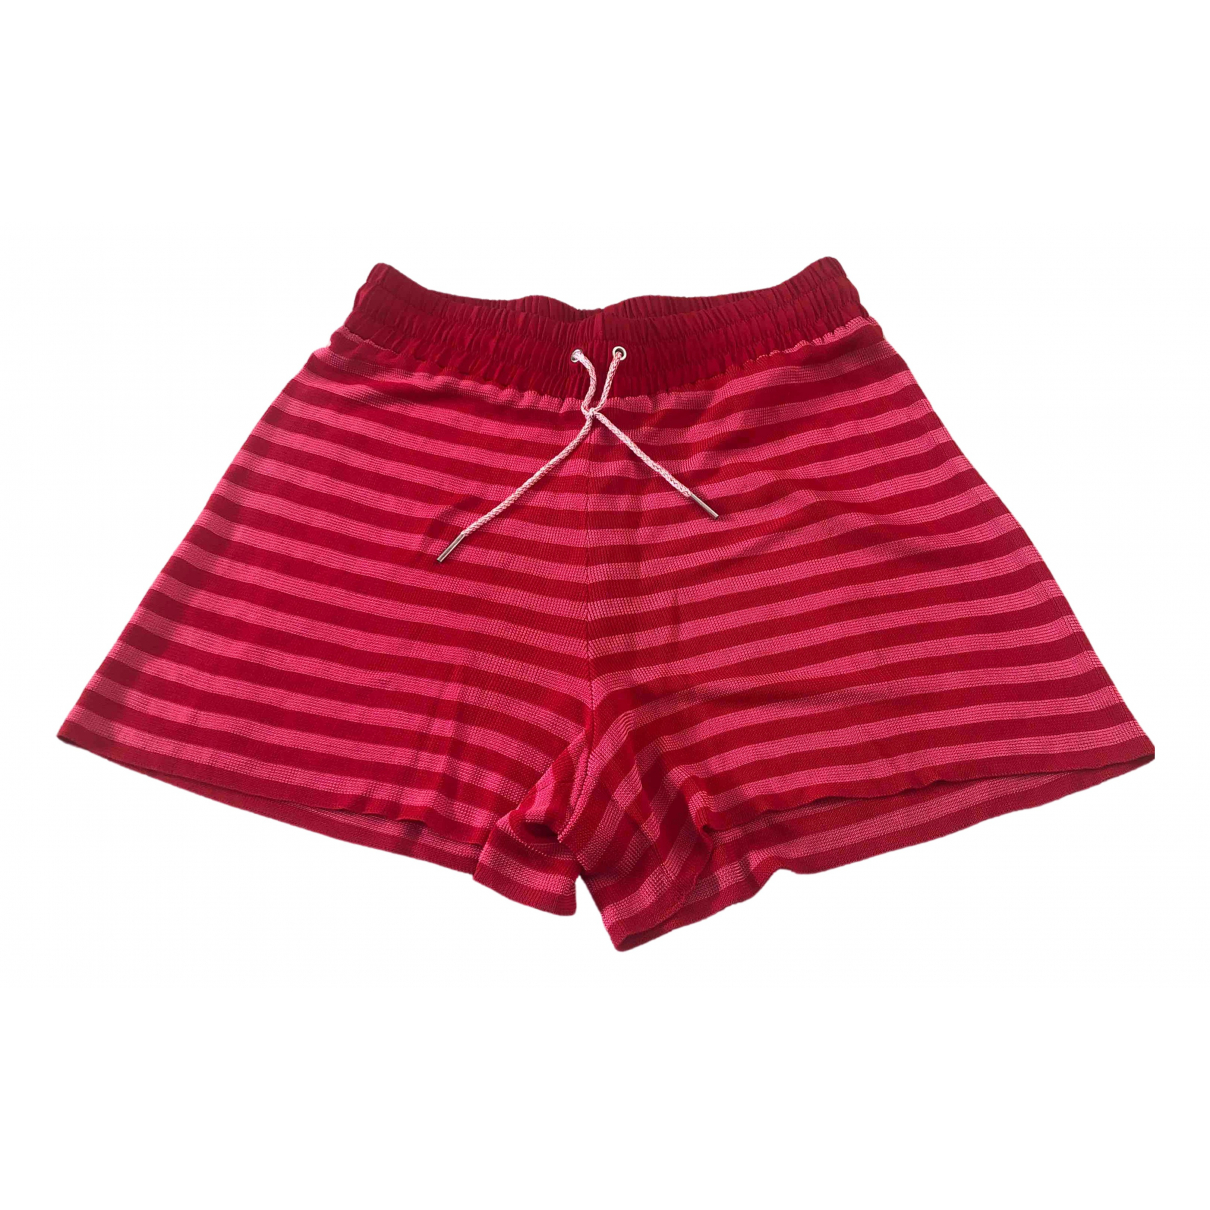 Sandro \N Red Shorts for Women 1 0-5